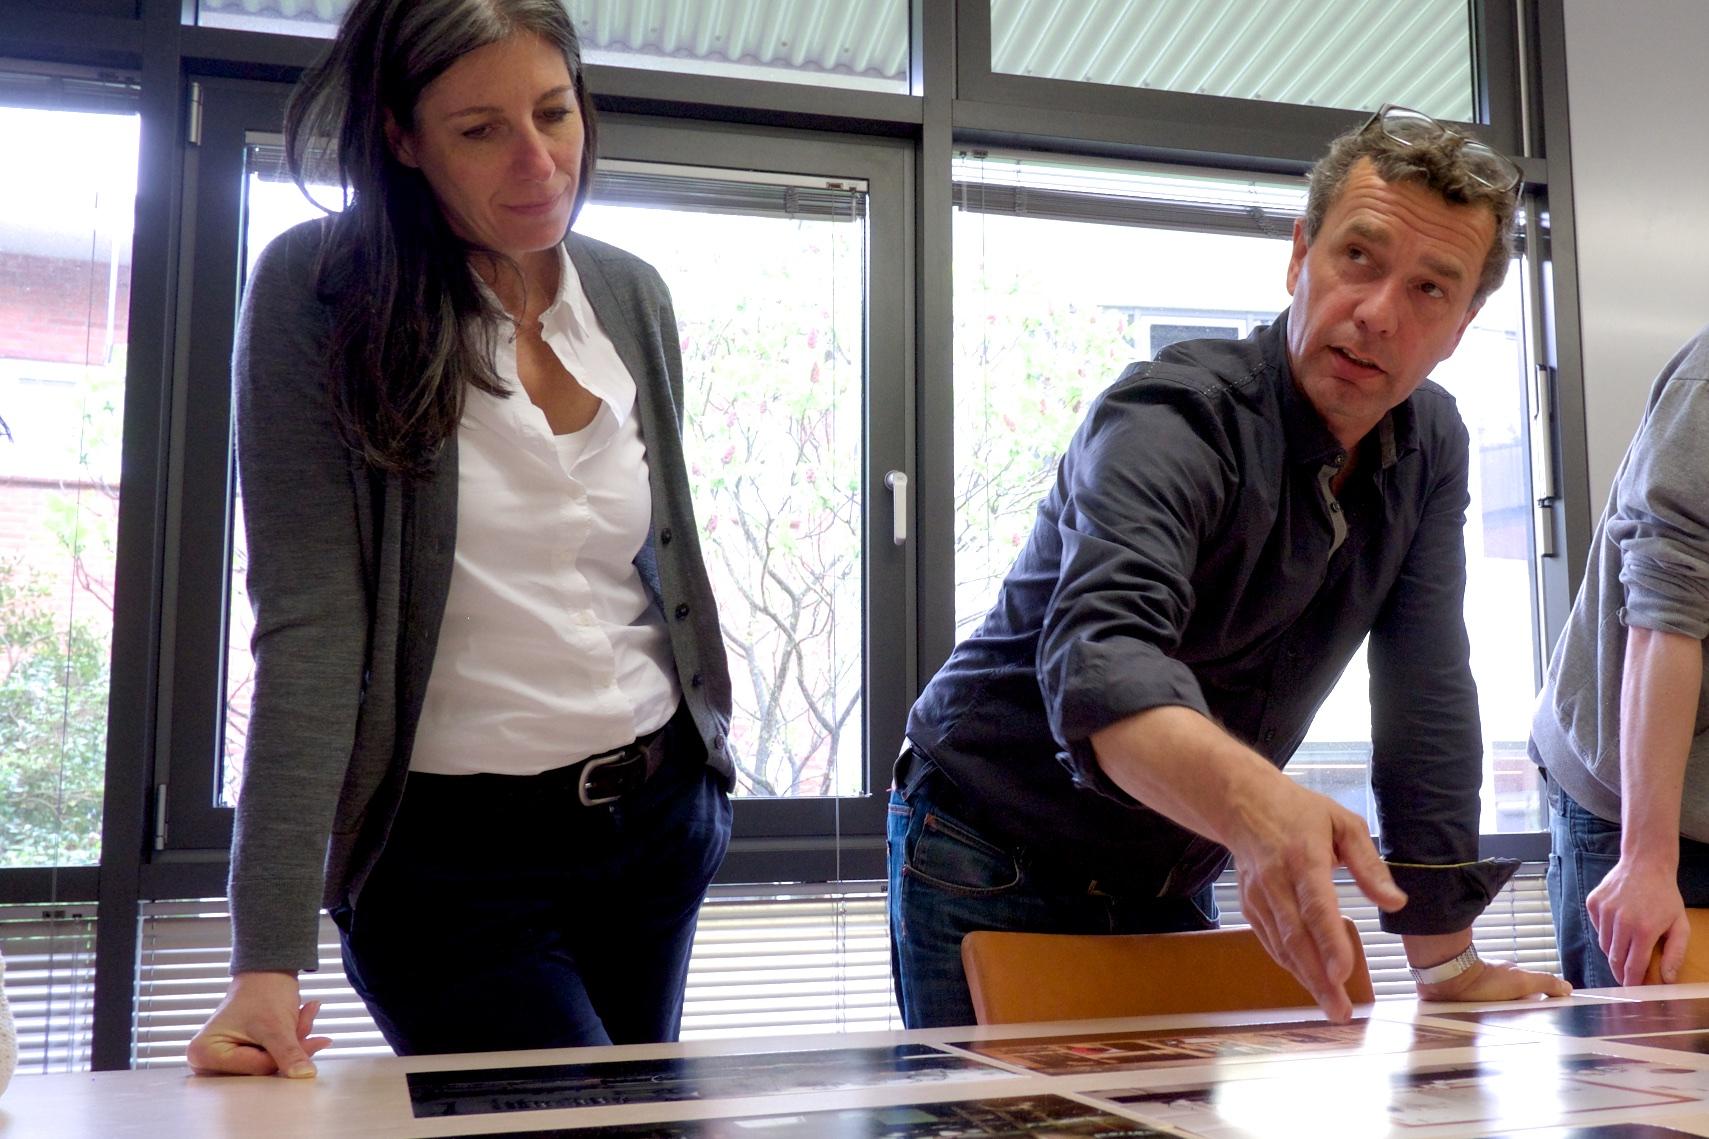 Workshop mit Silke Güldner und Frank Stöckel für das Photo + Medienforum und den Nachwuchsfotografenlehrgang EVA über Portfolio Bildauswahl und Bildbesprechung am Bildertisch